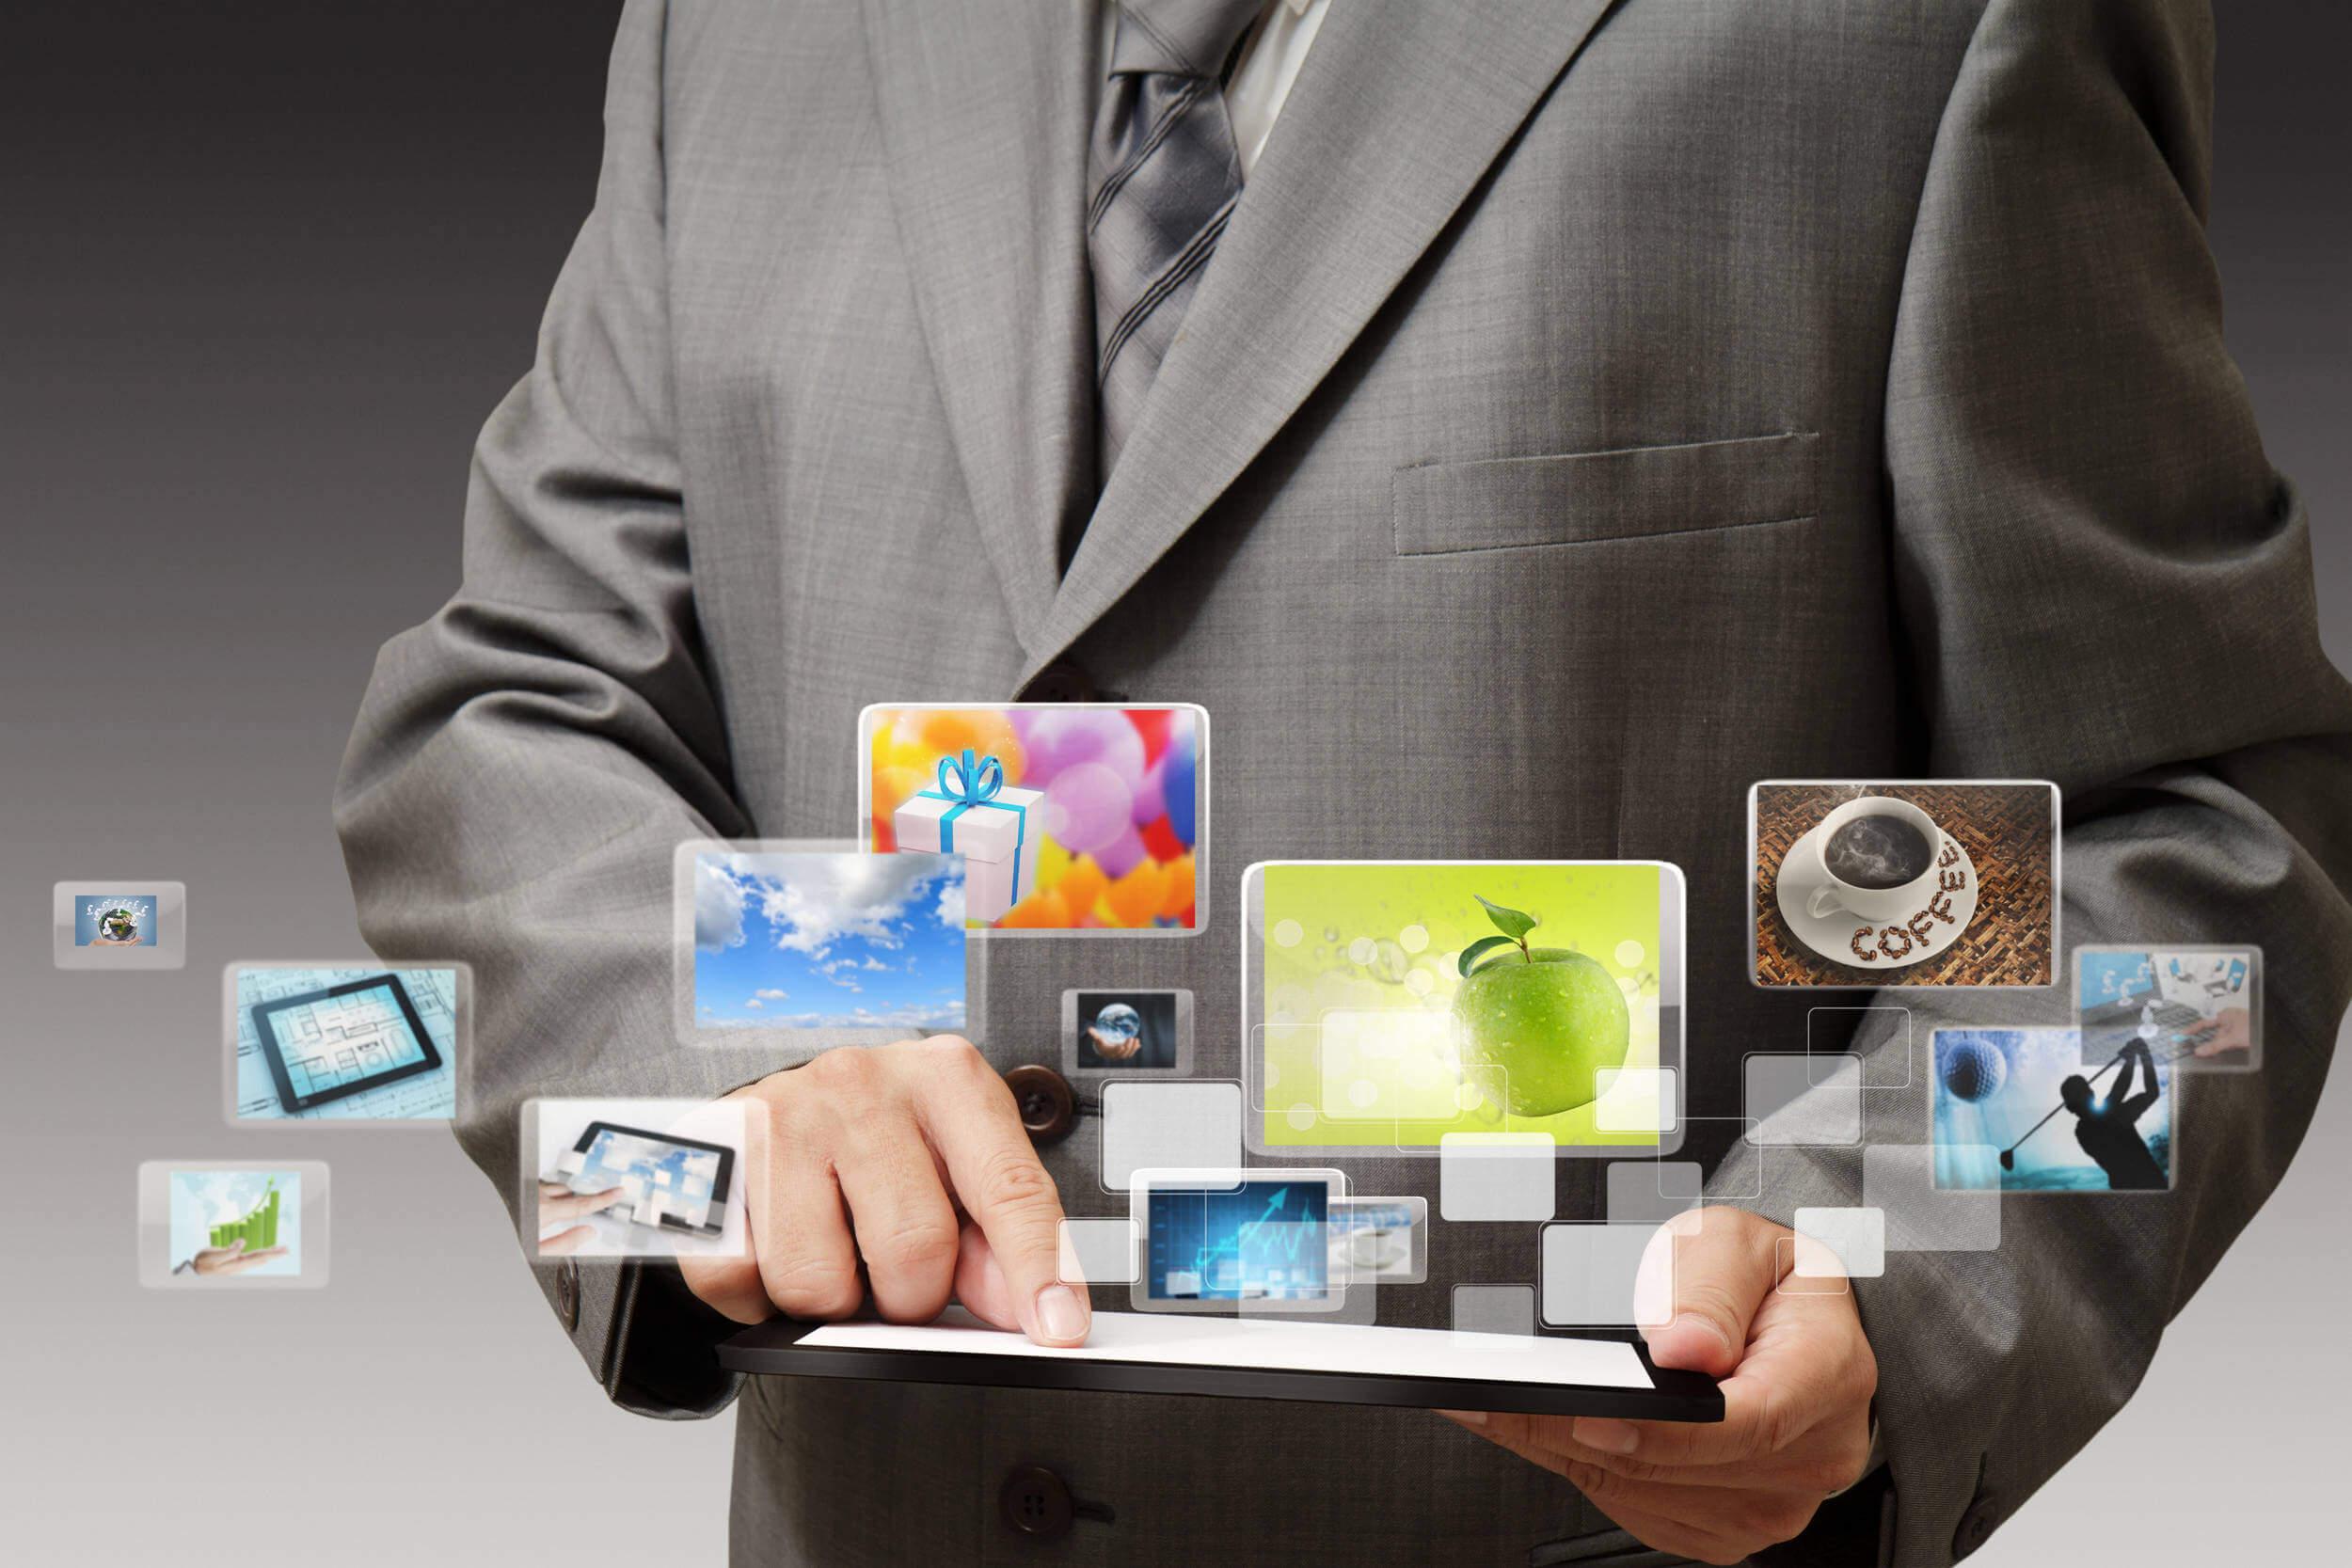 Oferty Specjalne - stwórz unikalny produkt, łącząc swoje oferty.